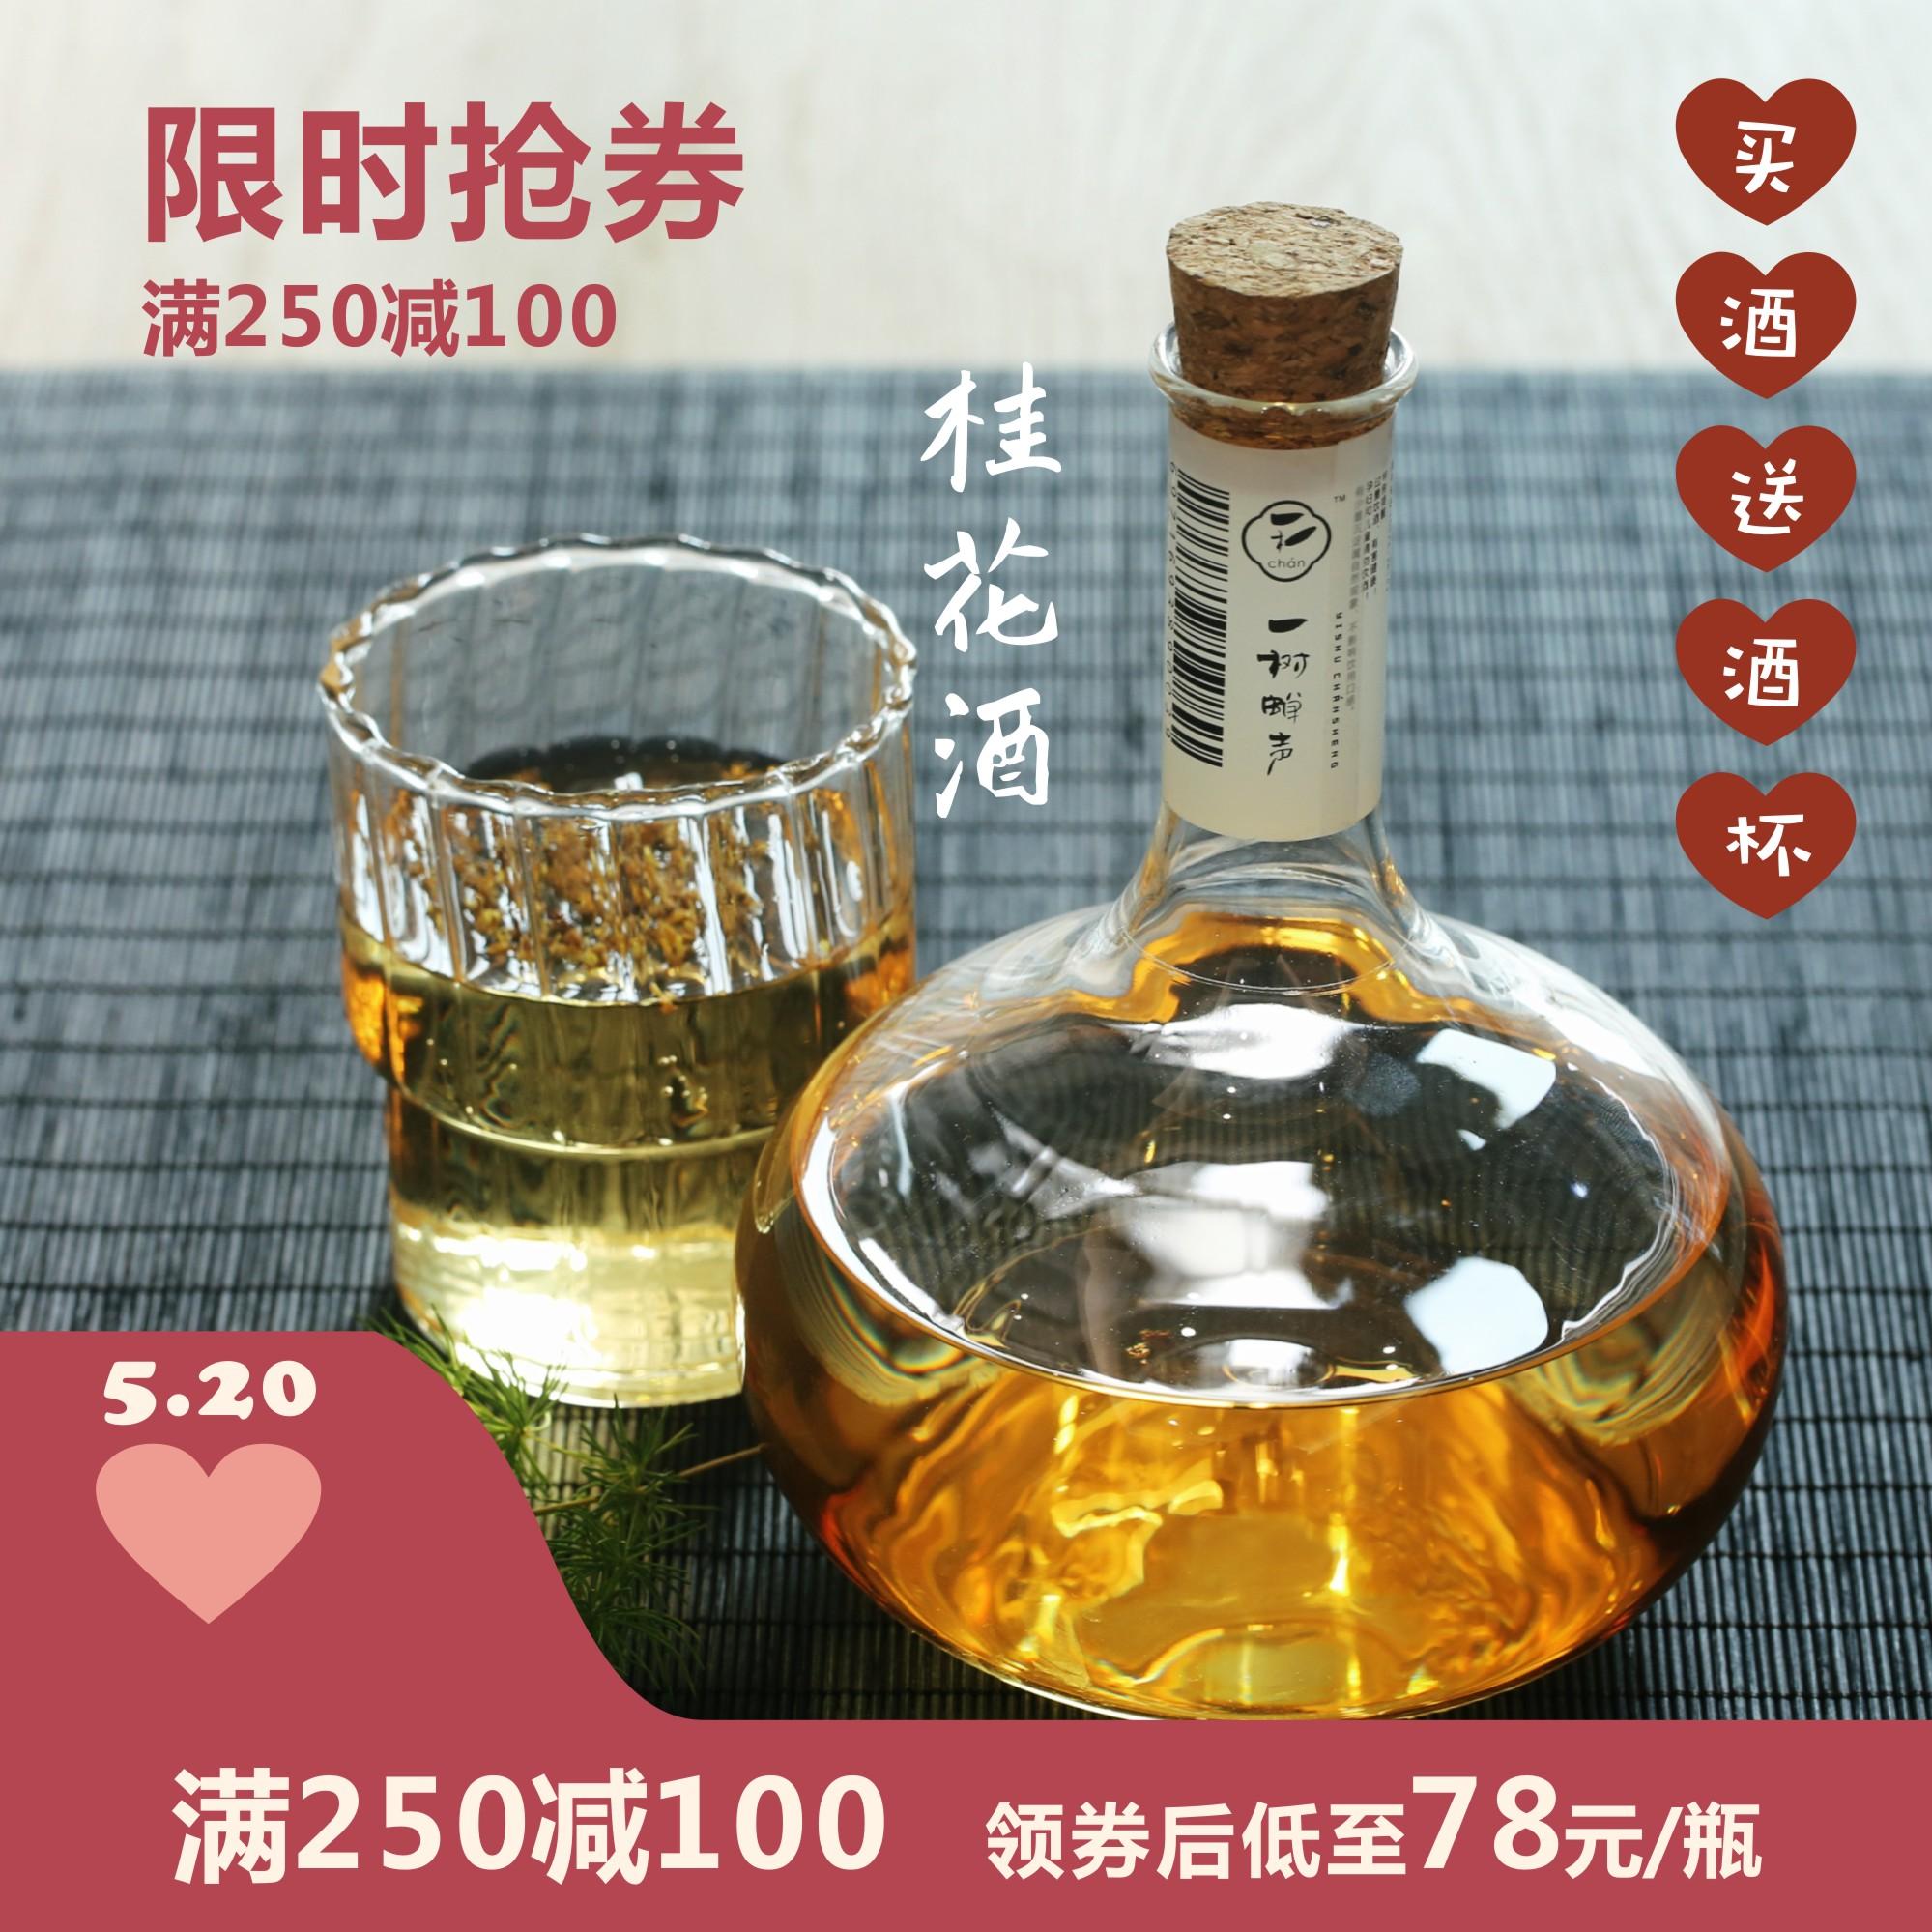 【一树蝉声】桂花酒桂花酿花果酒女士低度甜酒高颜值礼品礼盒装